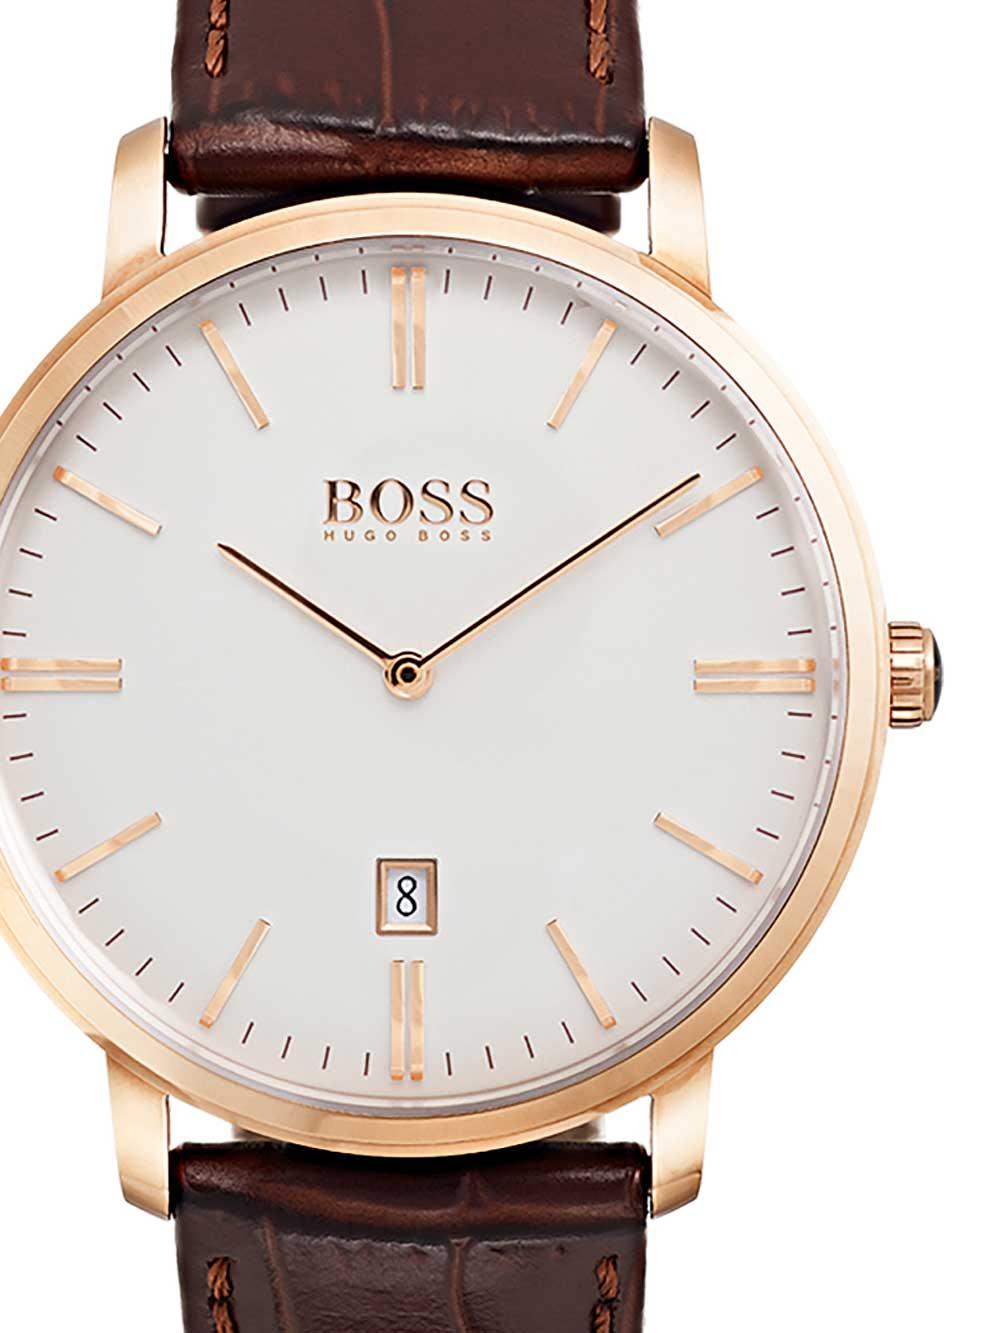 Hugo Boss 1513463 Tradition Herren 40mm 3ATM